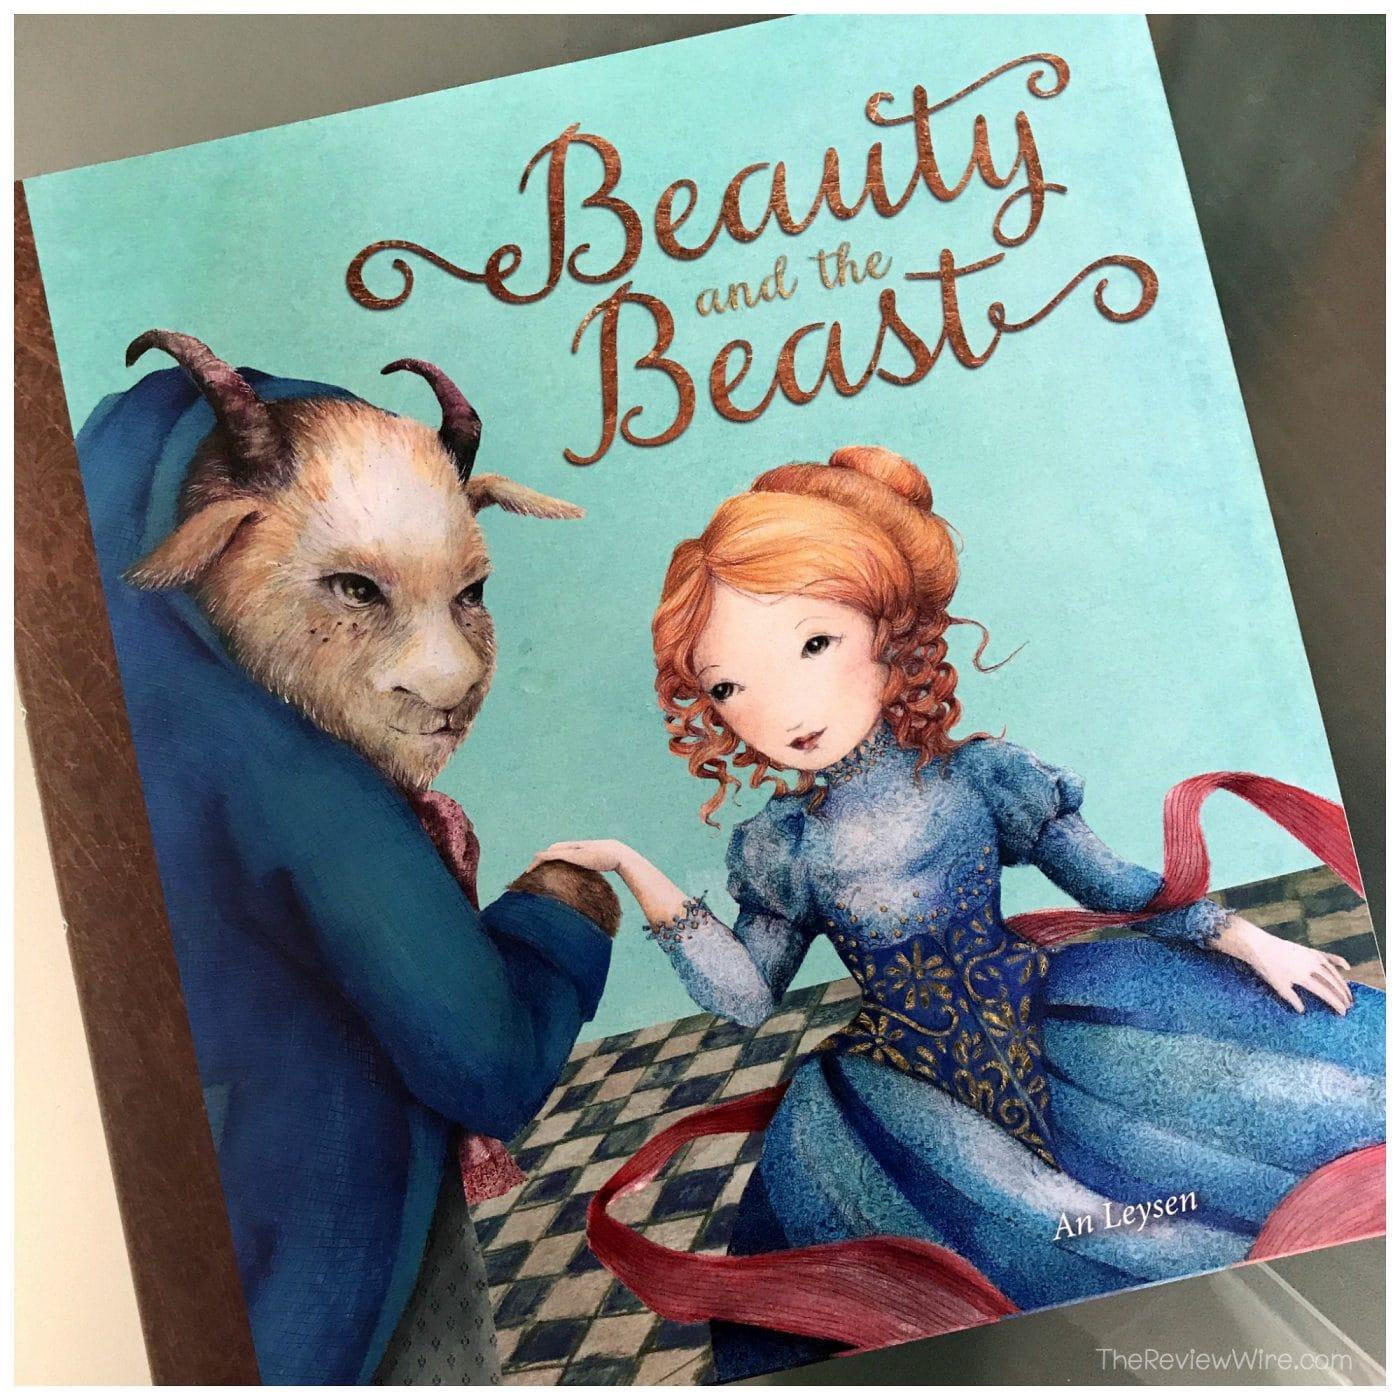 Beauty and the Beastby An Leysen